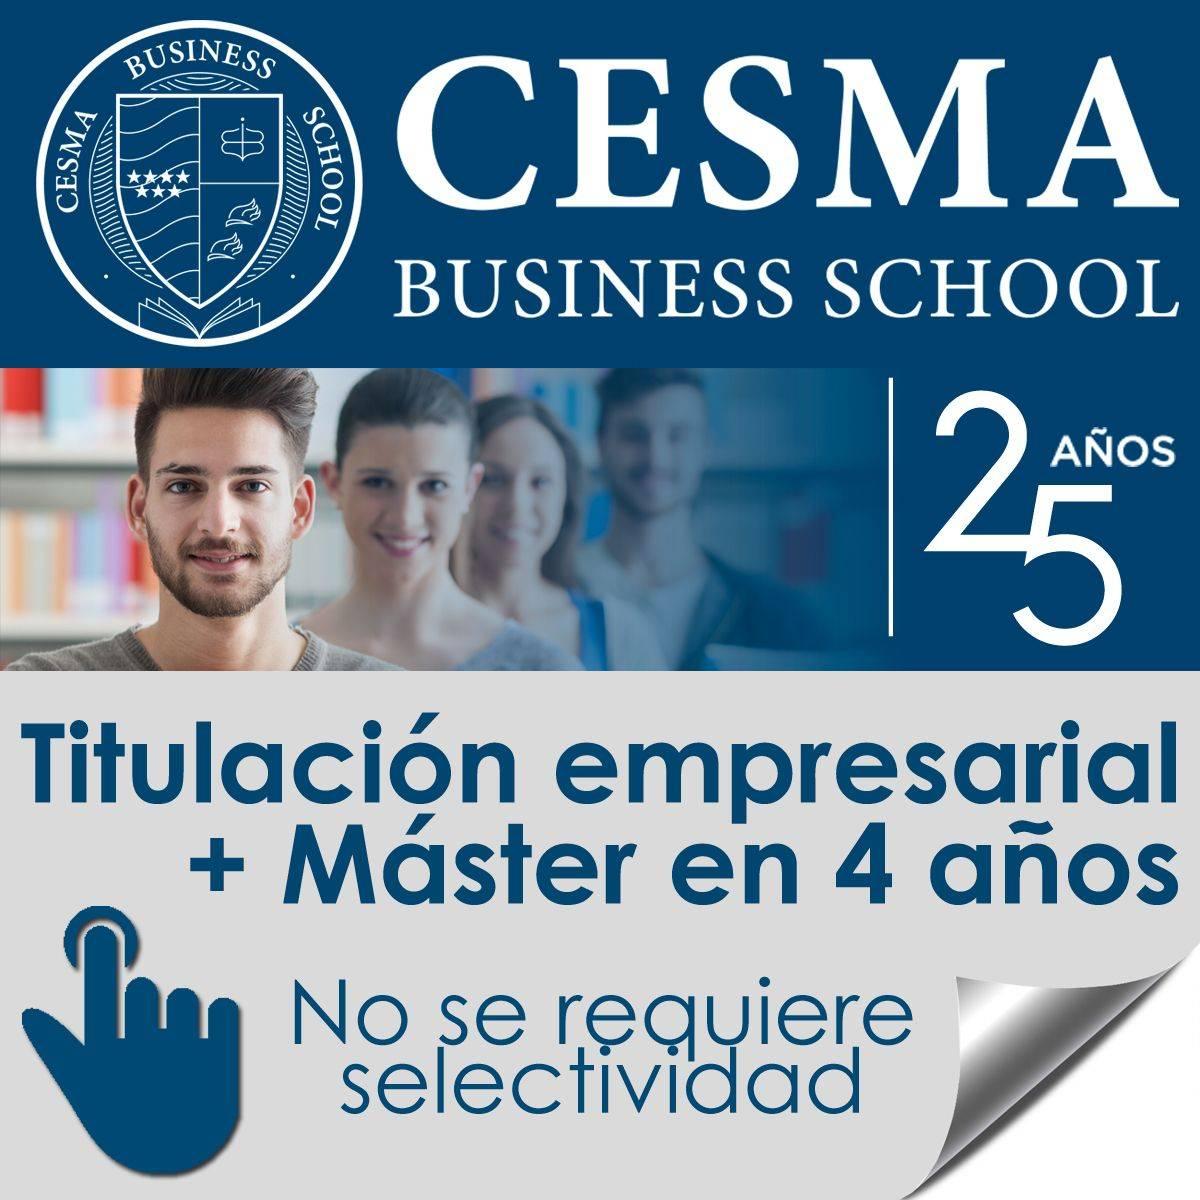 CESMA News 2016